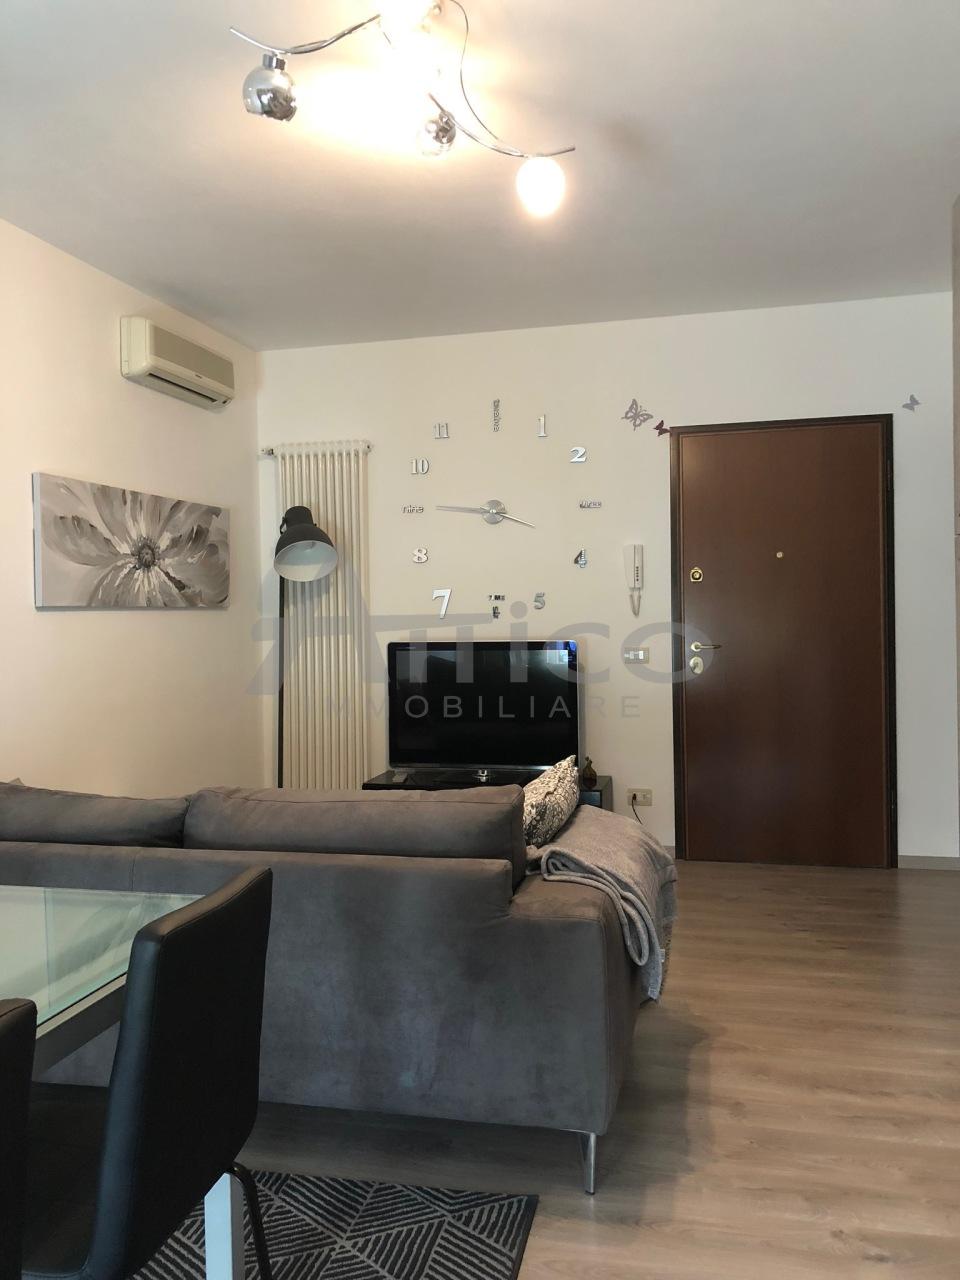 Appartamento - Trilocale a Boara Polesine, Rovigo